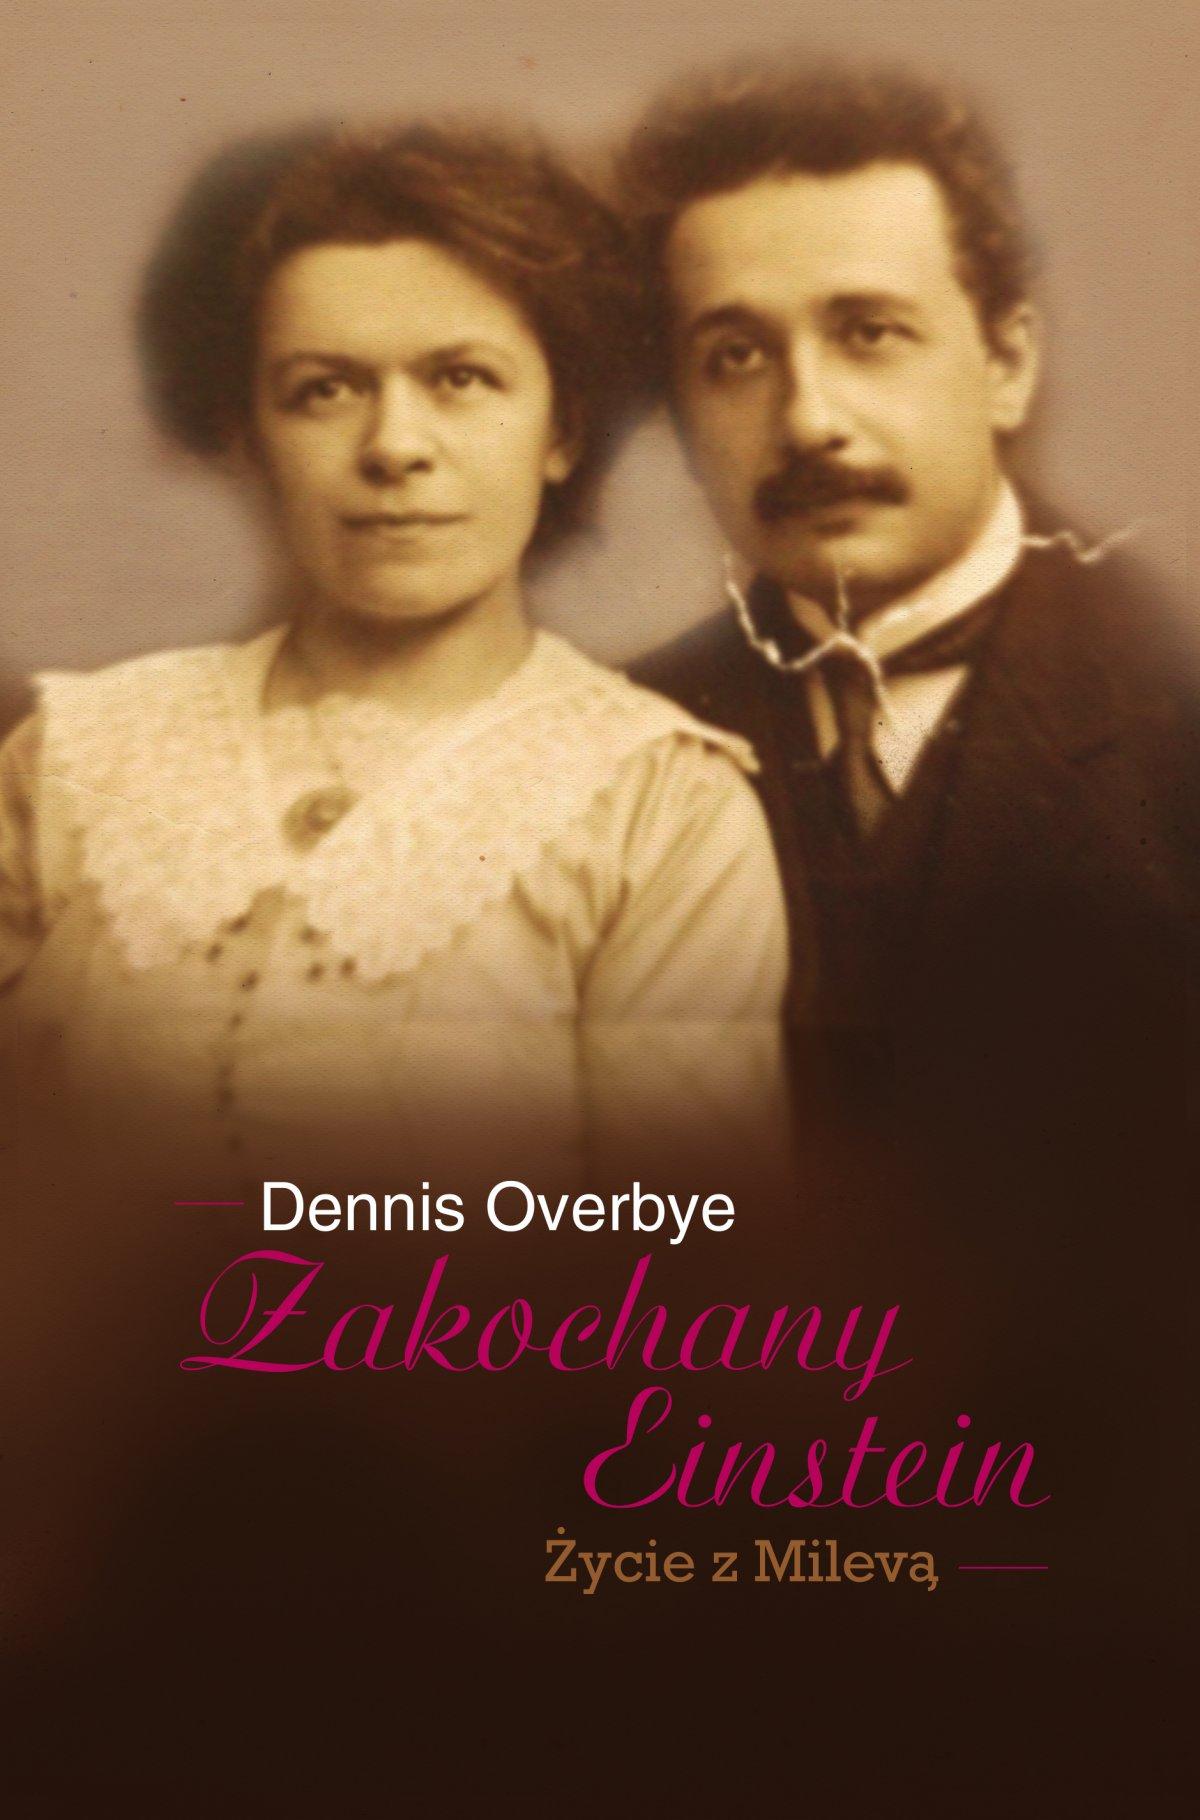 Zakochany Einstein. Życie z Milevą - Ebook (Książka EPUB) do pobrania w formacie EPUB